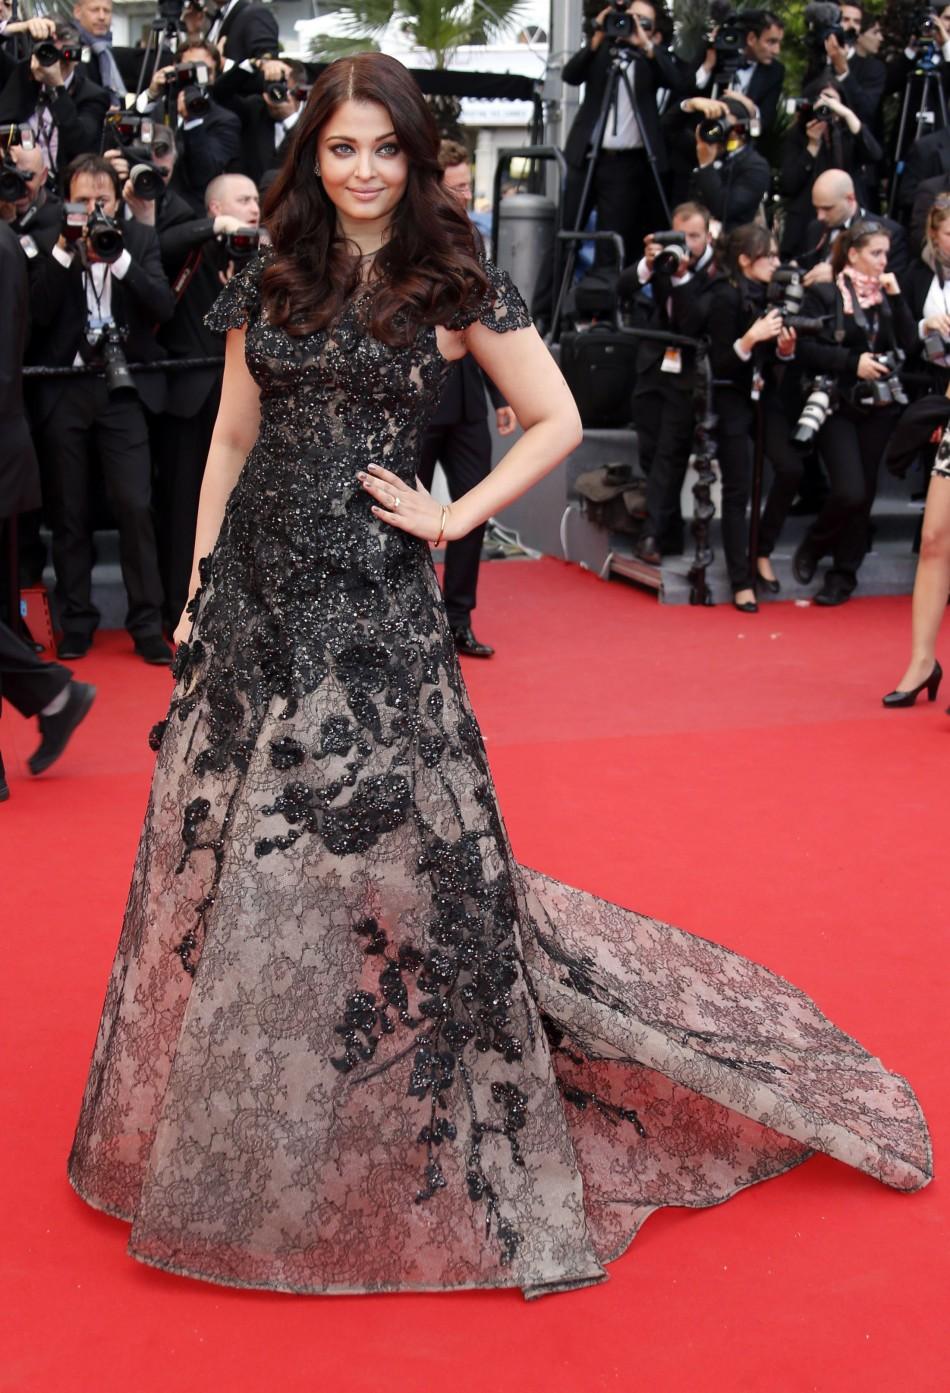 Cannes Film Festival 2013 Aishwarya Rai Bachchan Jessica